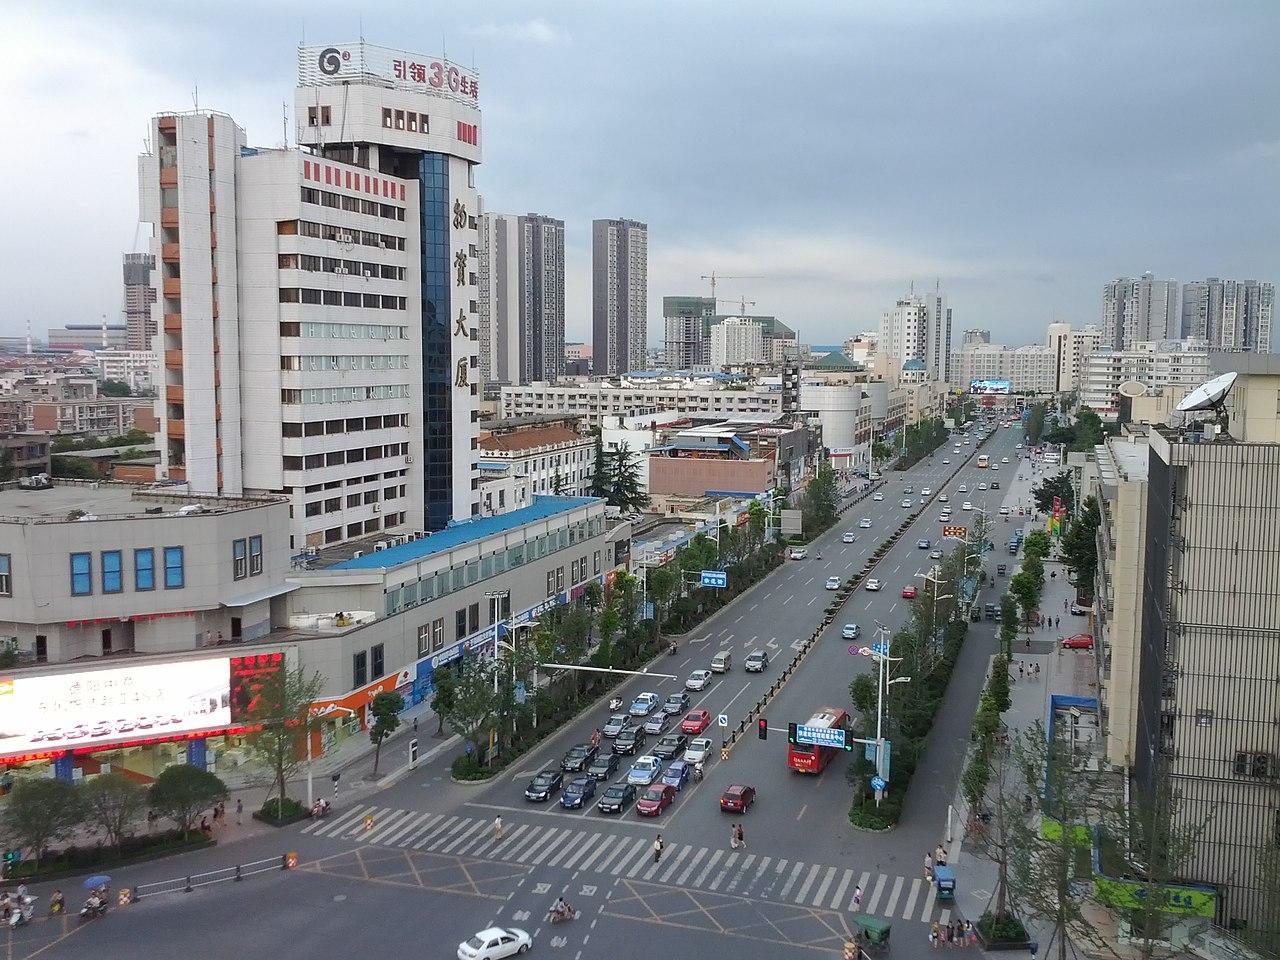 Deyang China  city pictures gallery : Deyang China SkyscraperCity